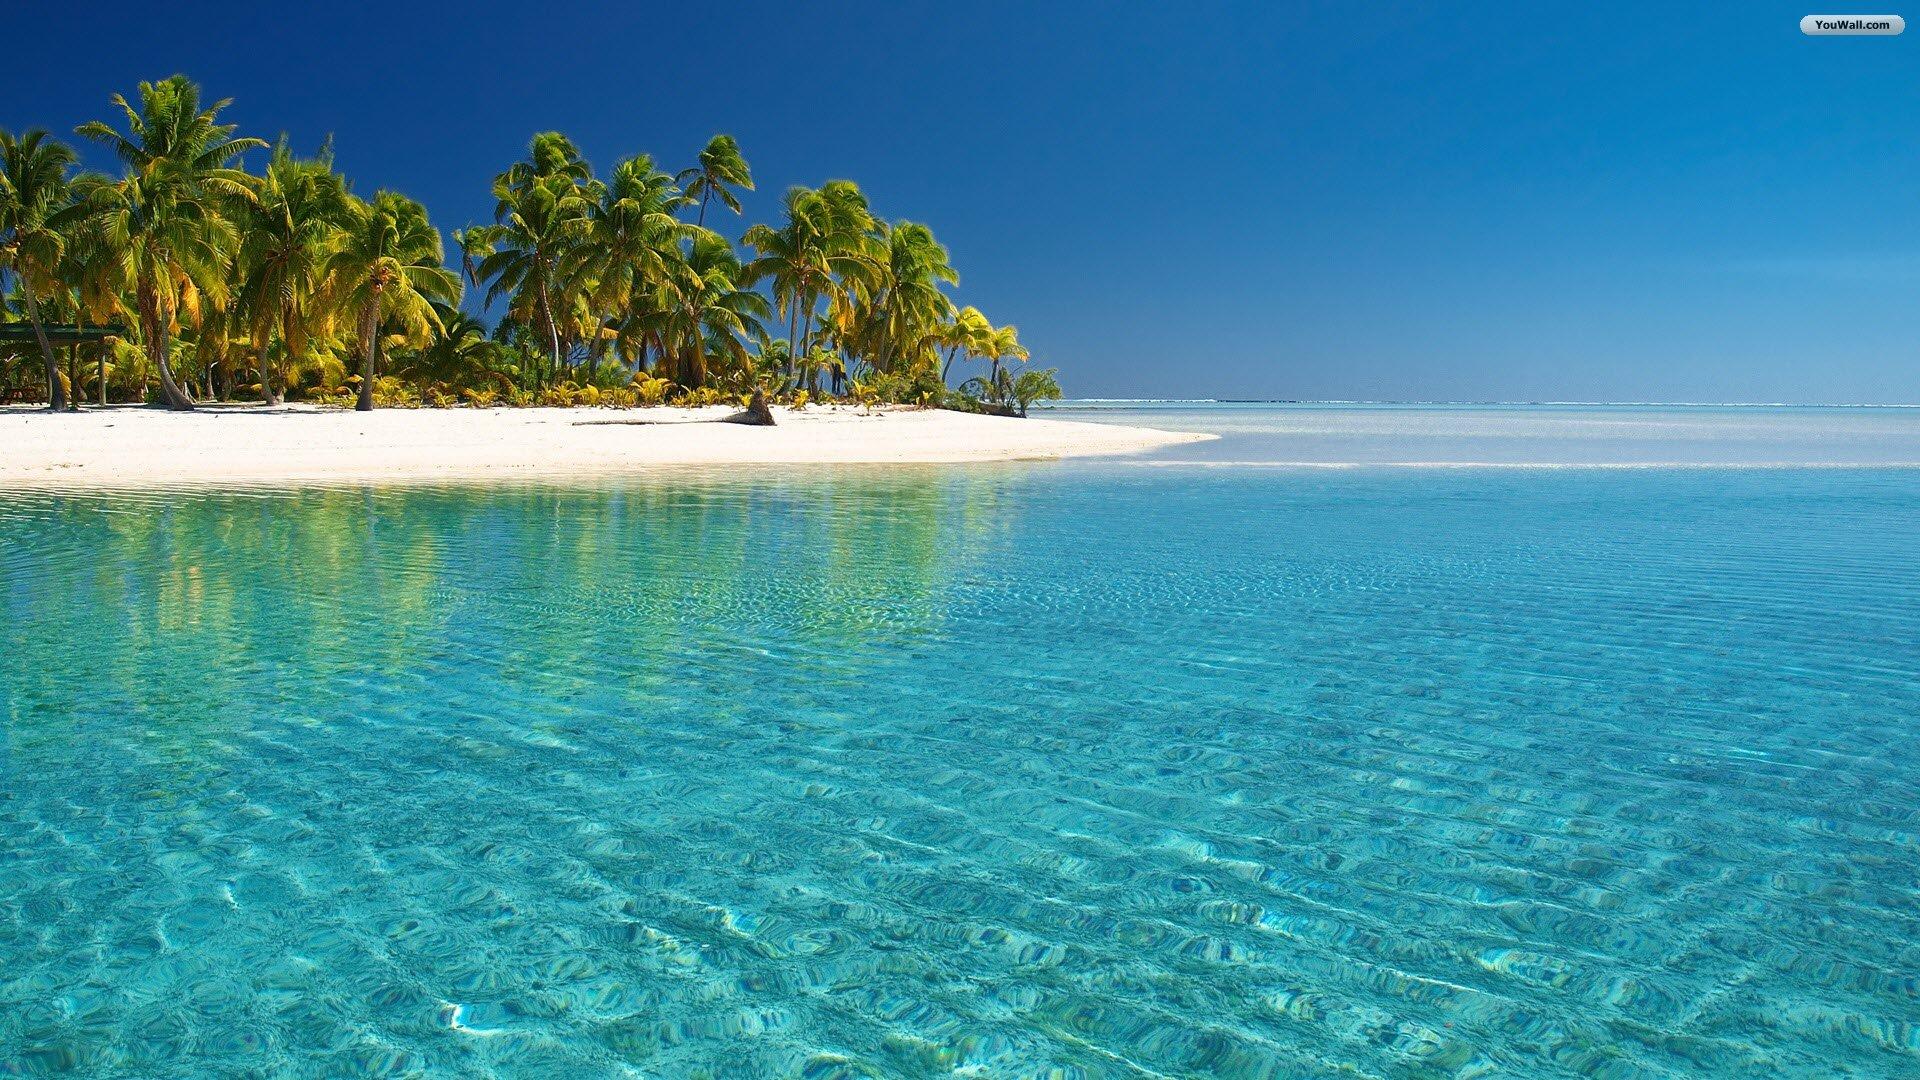 обои на рабочий стол 1600 на 900 острова № 247866 бесплатно